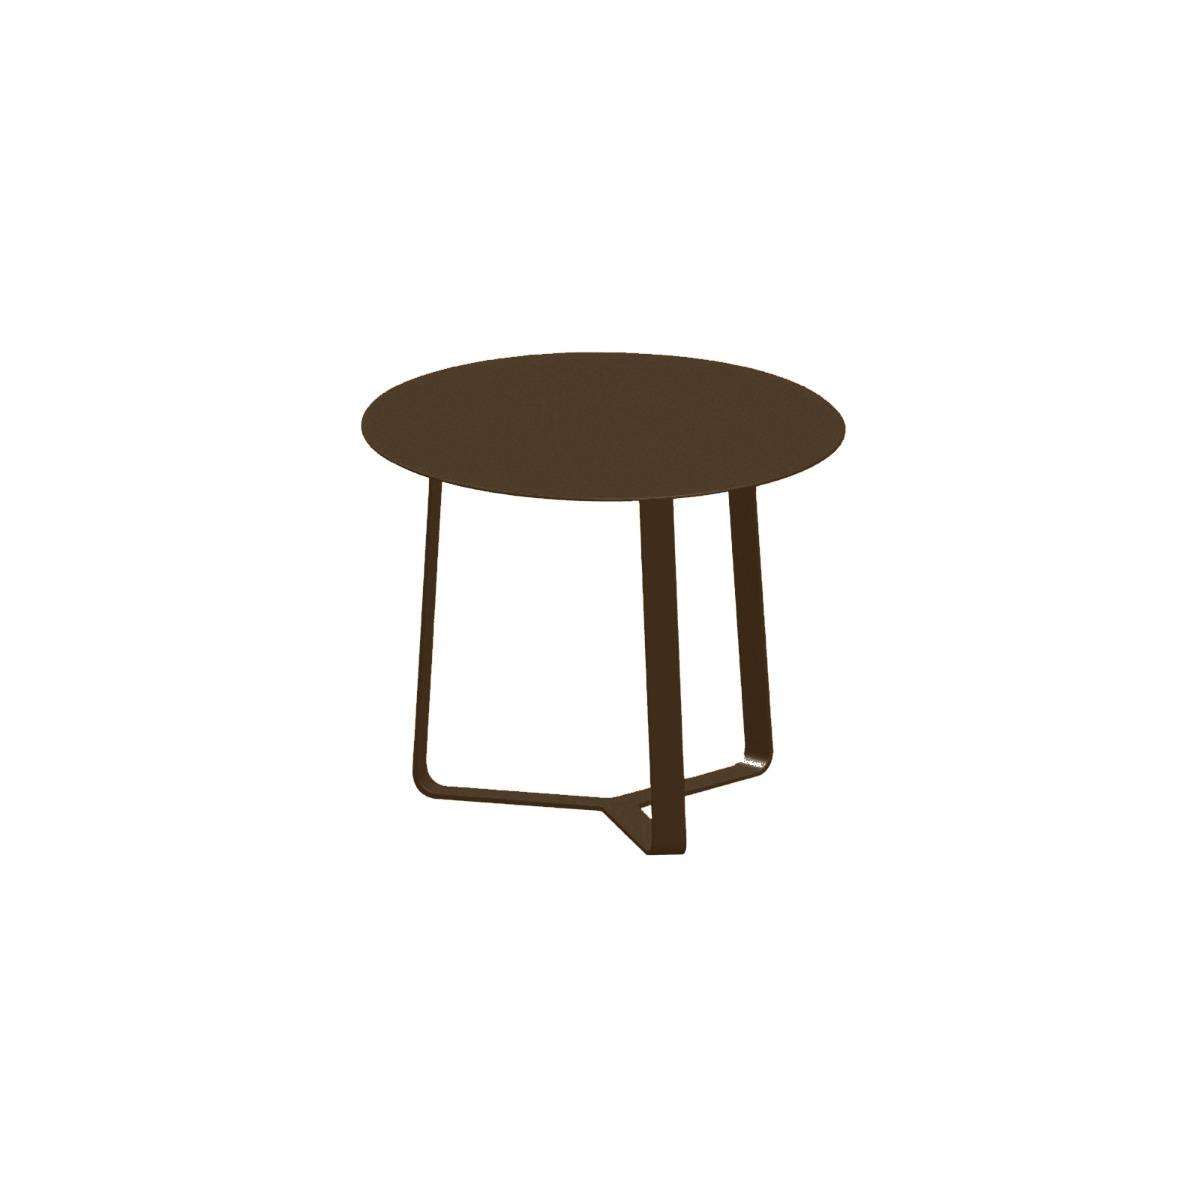 Apollo Aluminium Side Table in Coffee